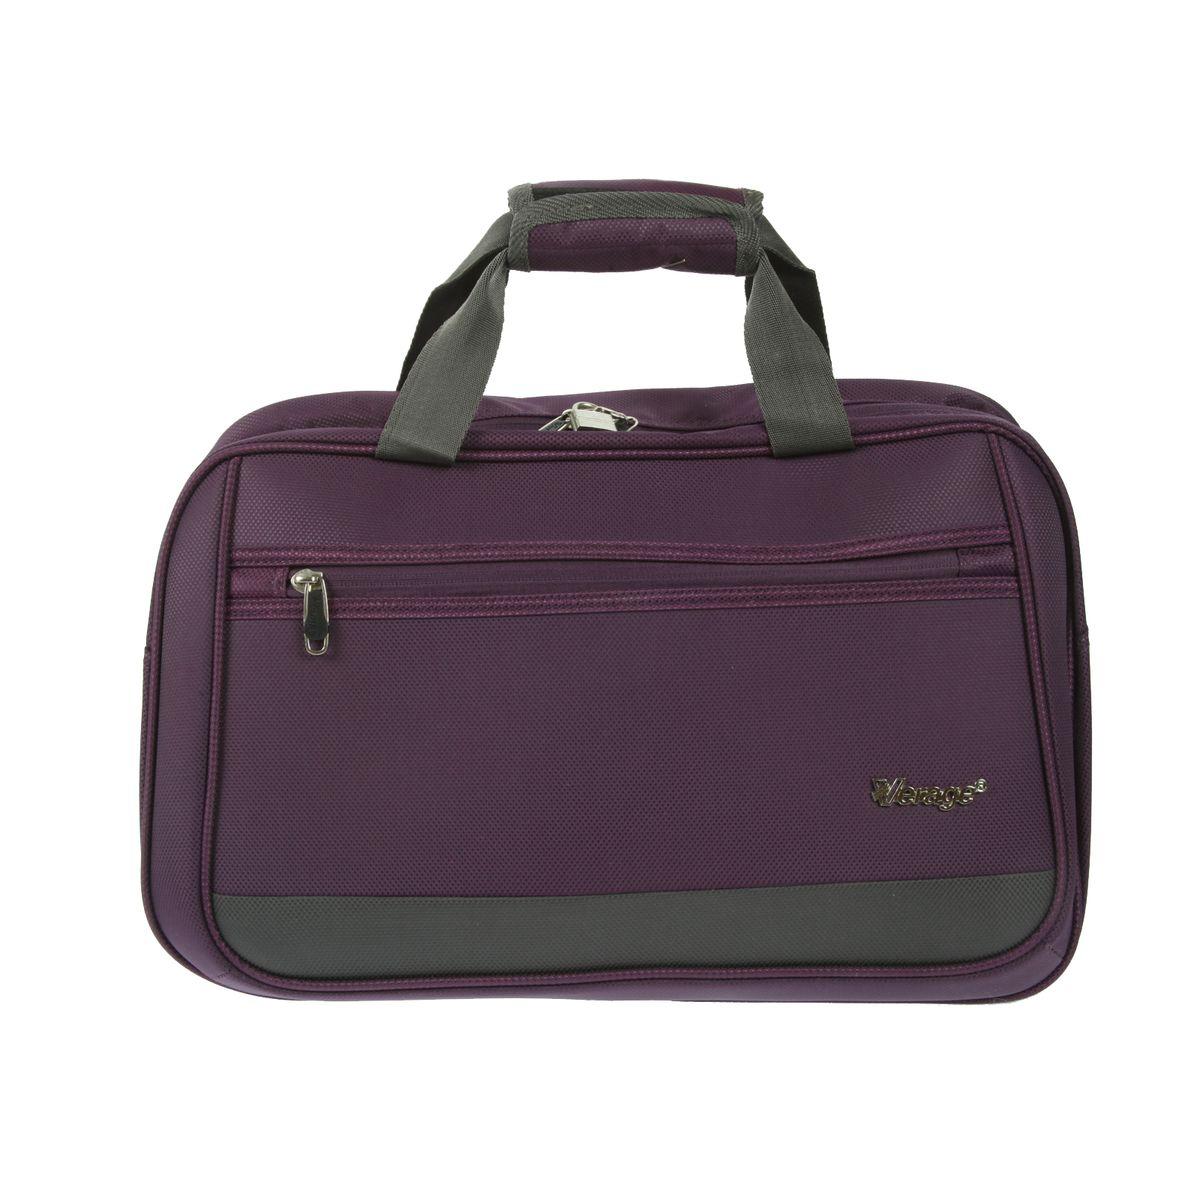 Сумка Verage, цвет: фиолетовый, 31 л. GM13054-4 18 verage wh 641401w 18 5 blue